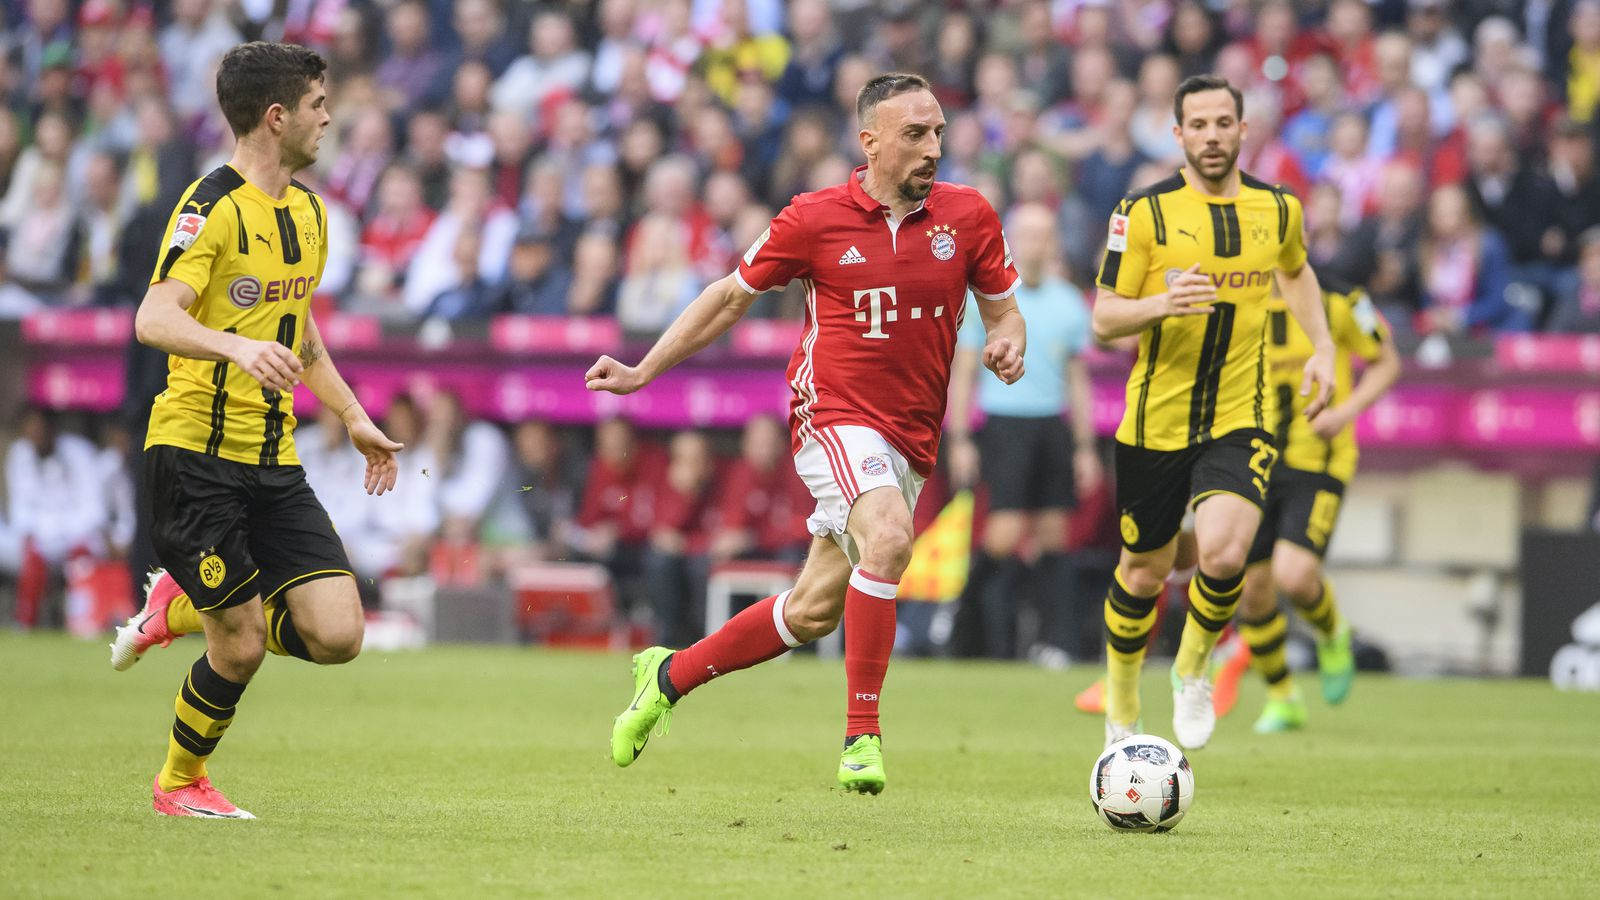 Bayern Dortmund 4:1